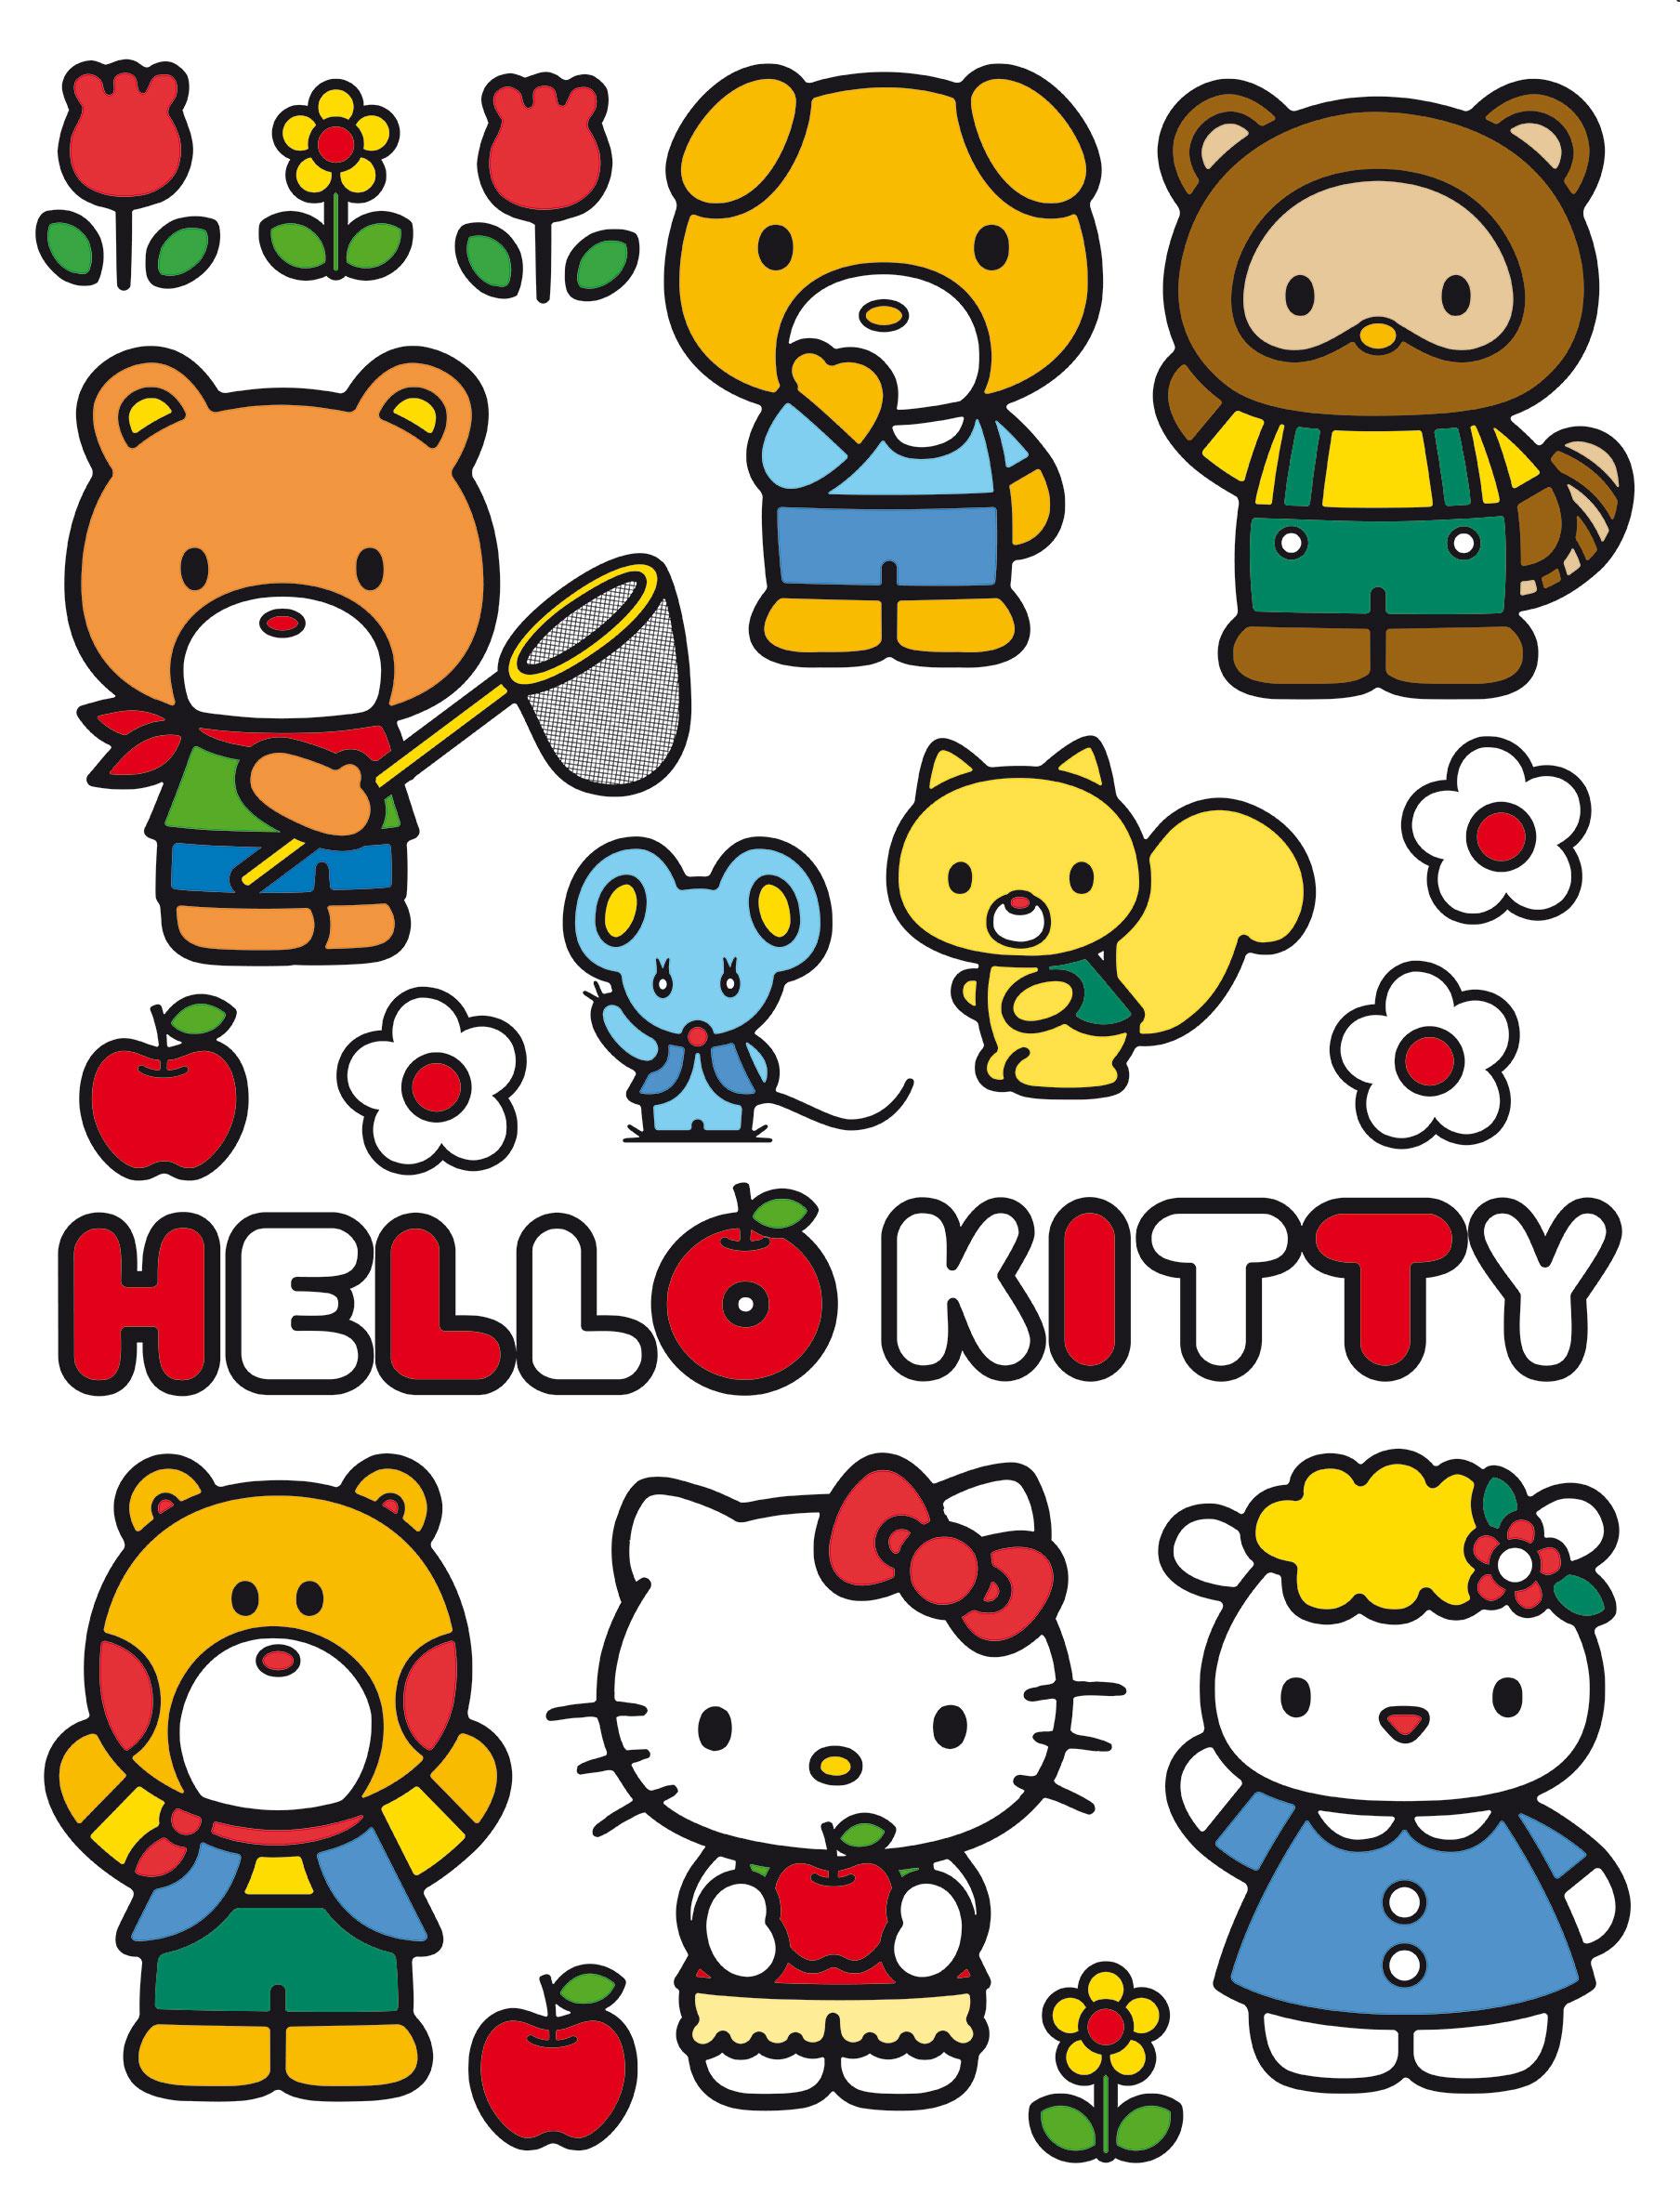 Maxi nálepka Hello Kitty DK 1781 (Dekorativní samolepka)